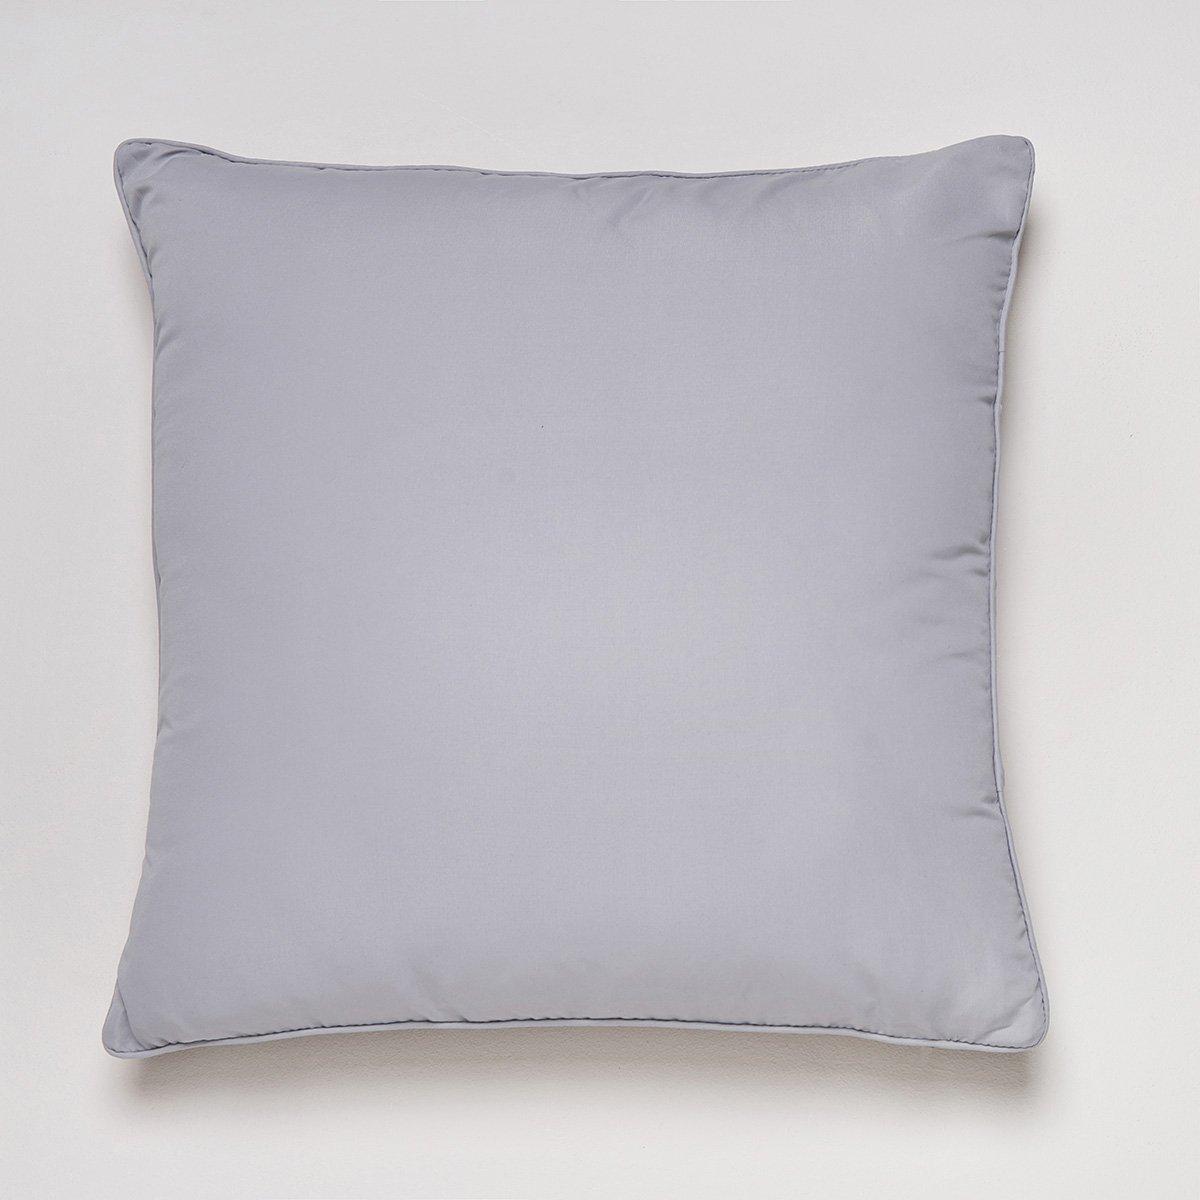 Sancarlos-Cojín SENSACIÓN con Relleno, Microfibra, Color Lila, Tamaño 45x45 cm